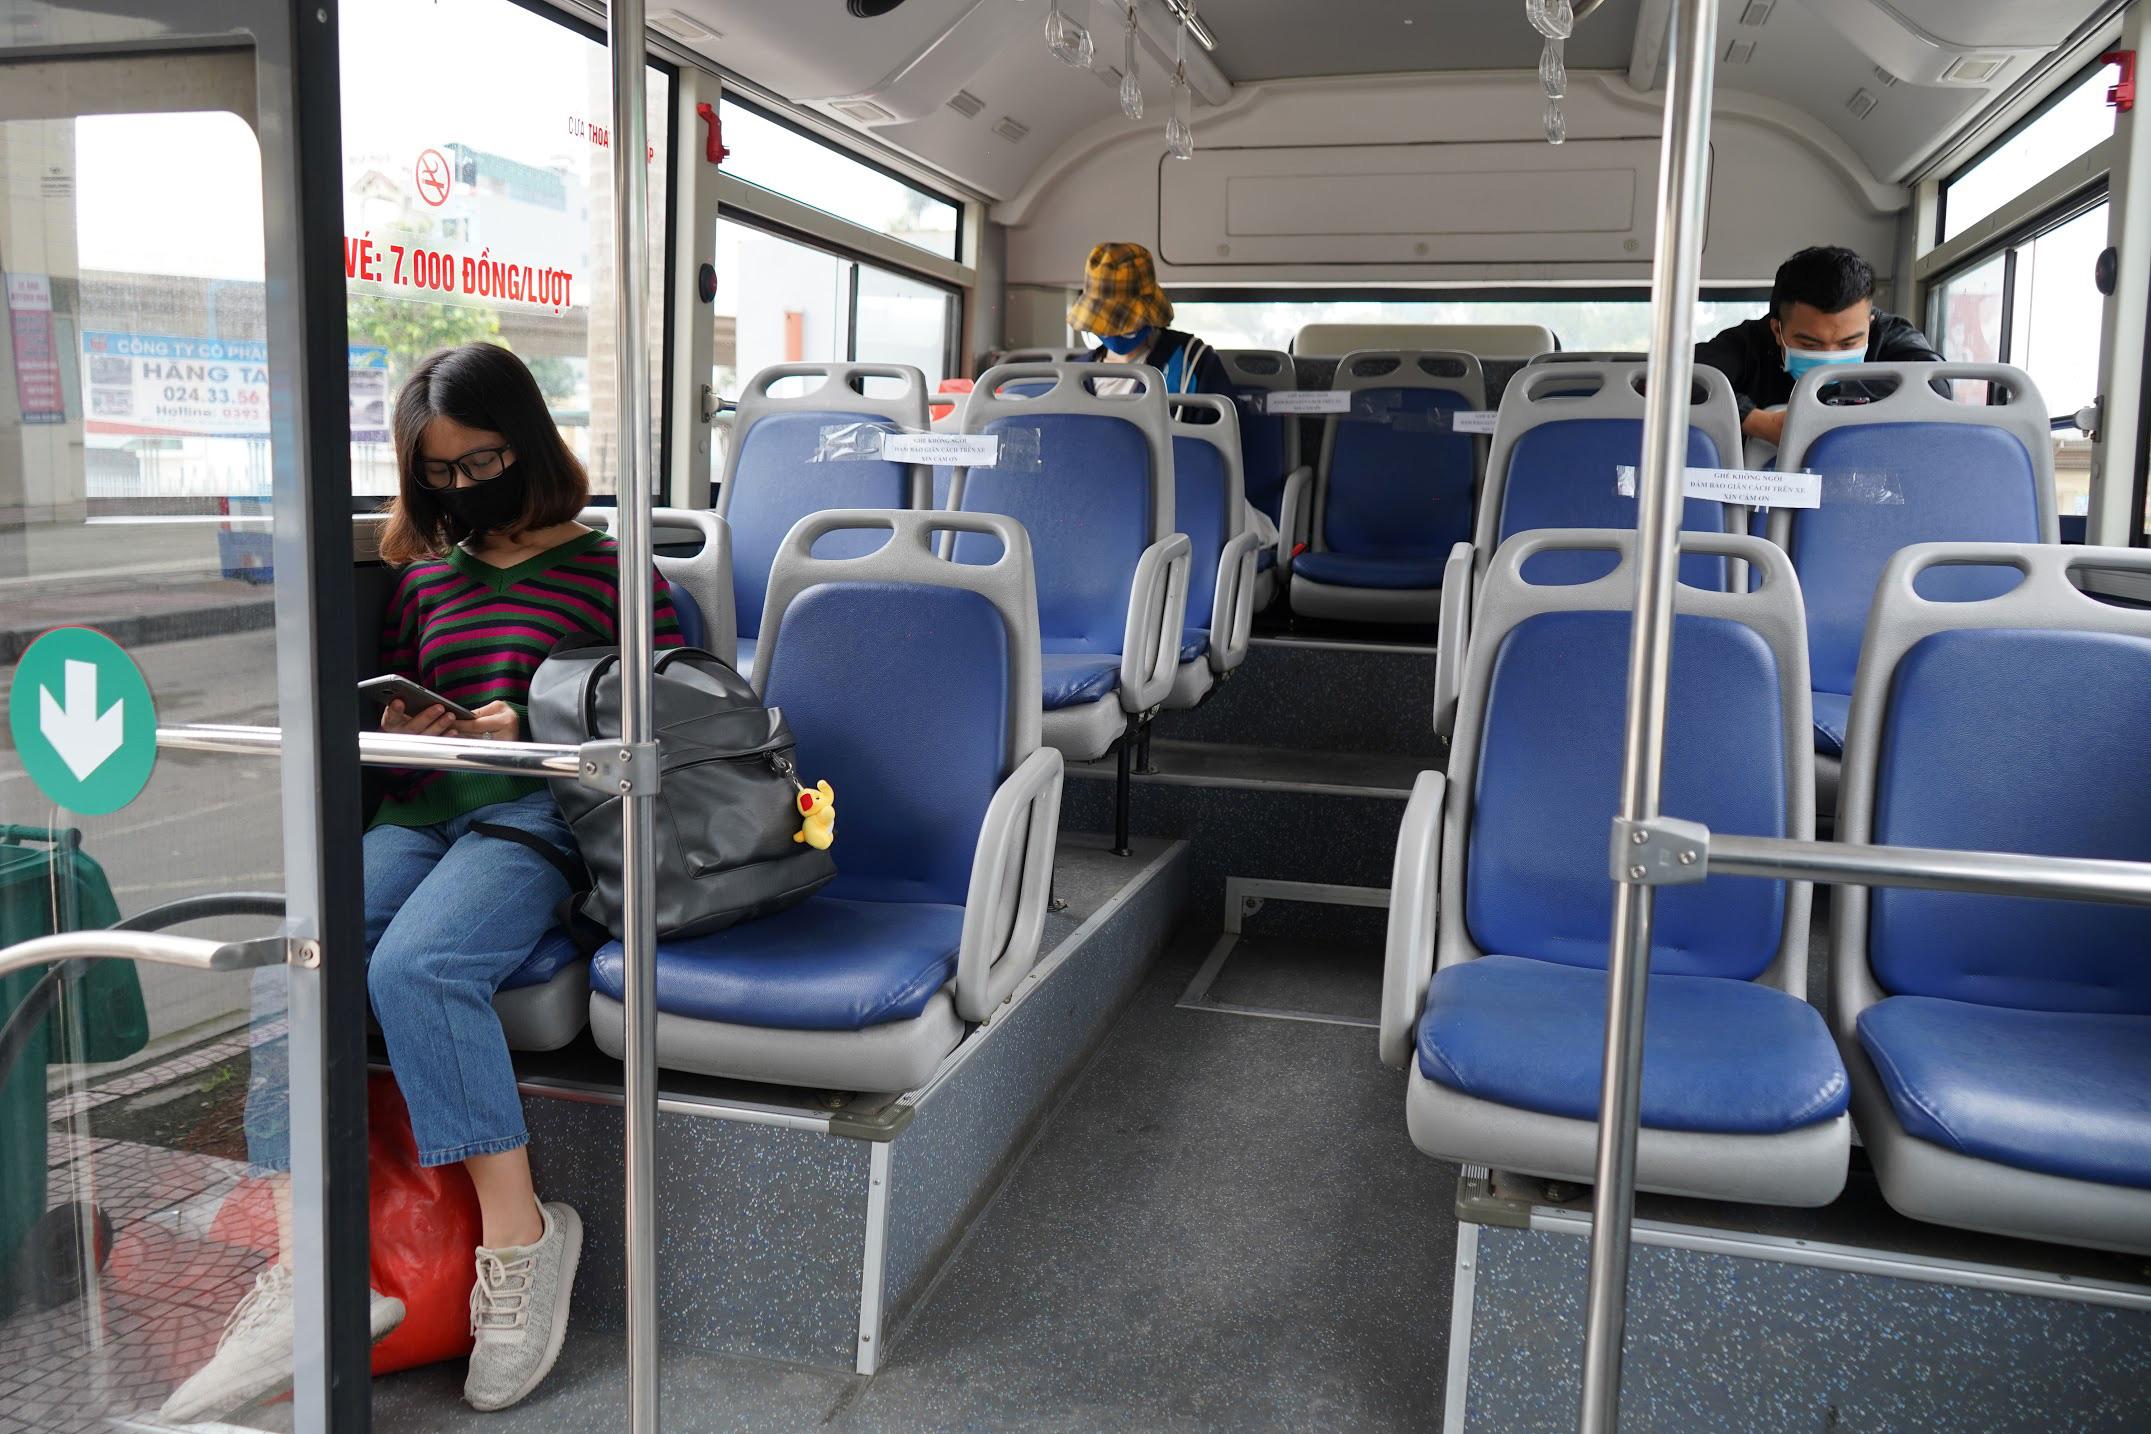 [ẢNH] Vẻ đẹp của gần 200 xe buýt tập kết về bến xếp hàng trong đêm - Ảnh 6.